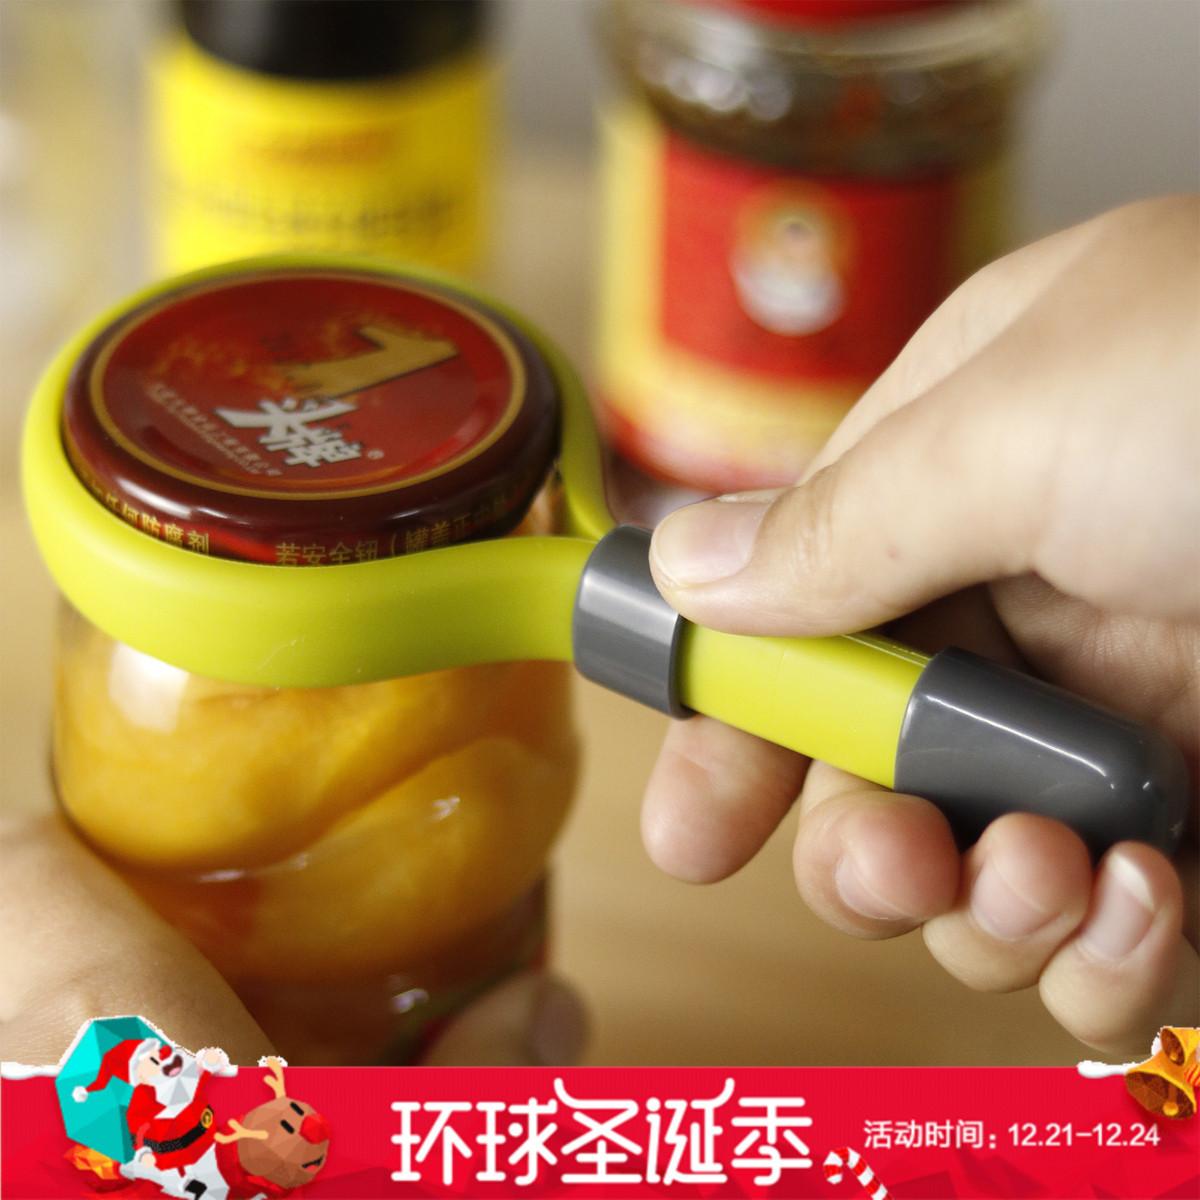 加拿大JOIE创意厨房小工具硅胶开瓶器家用开罐器水果罐头瓶起子